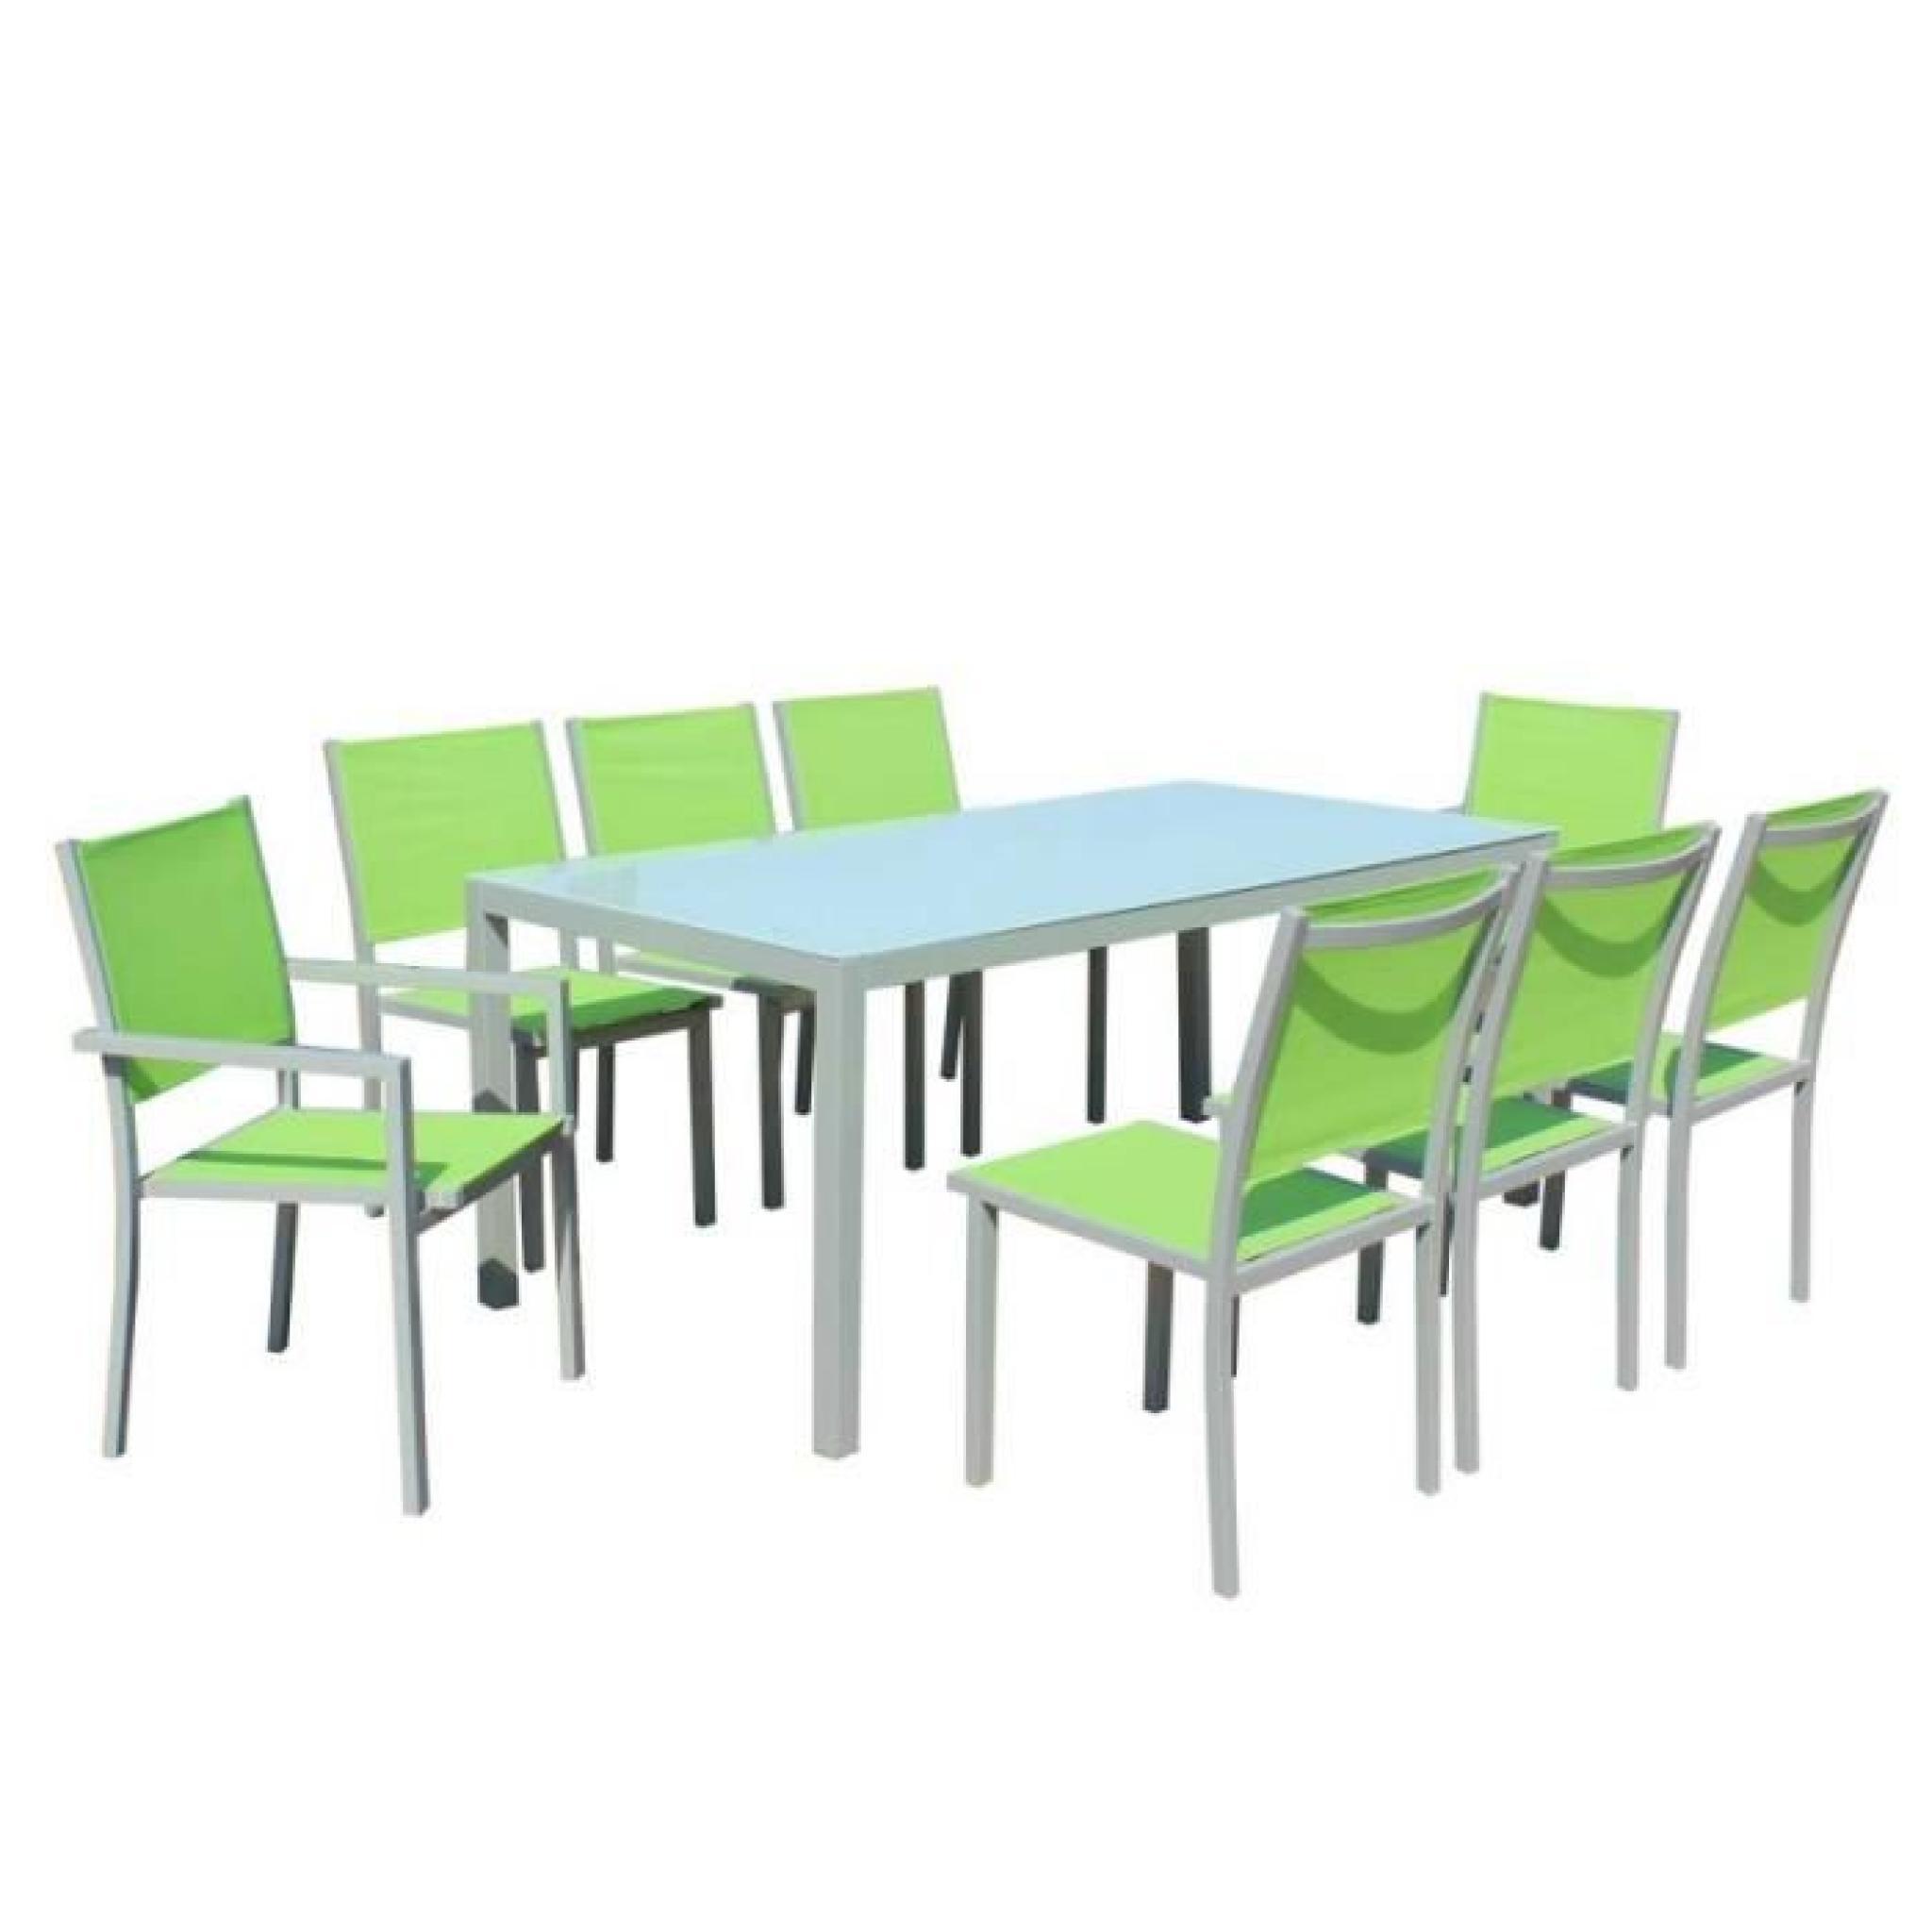 Table Et Chaises De Jardin - 8 Fauteuils Pliants - Aluminium Et Verre dedans Table Et Chaise De Jardin En Aluminium